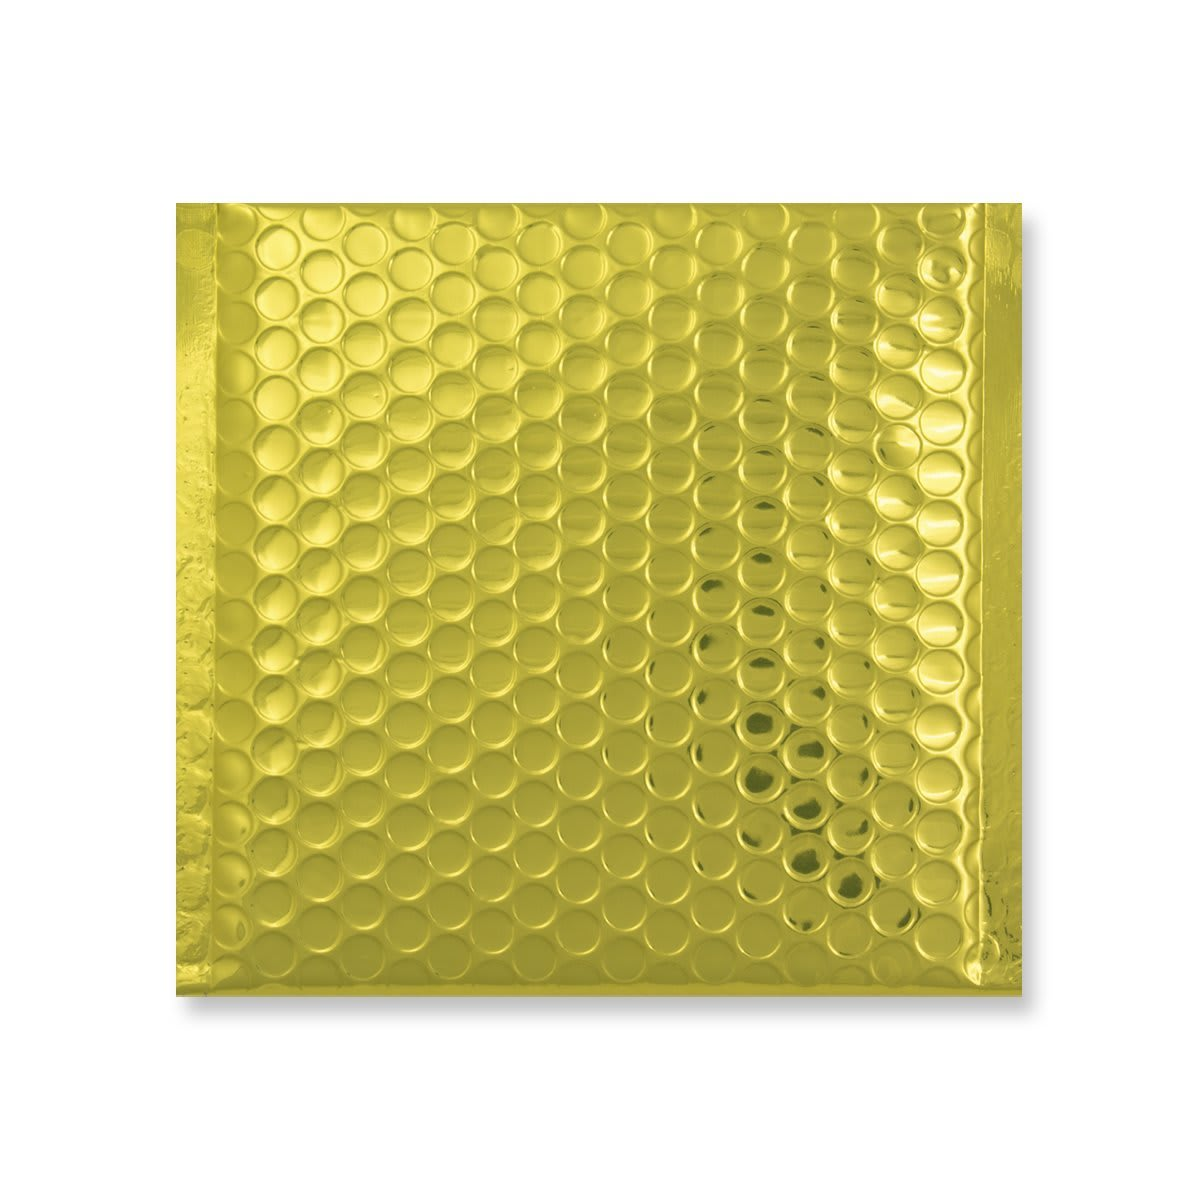 165 x 140mm GLOSS METALLIC GOLD PADDED ENVELOPES